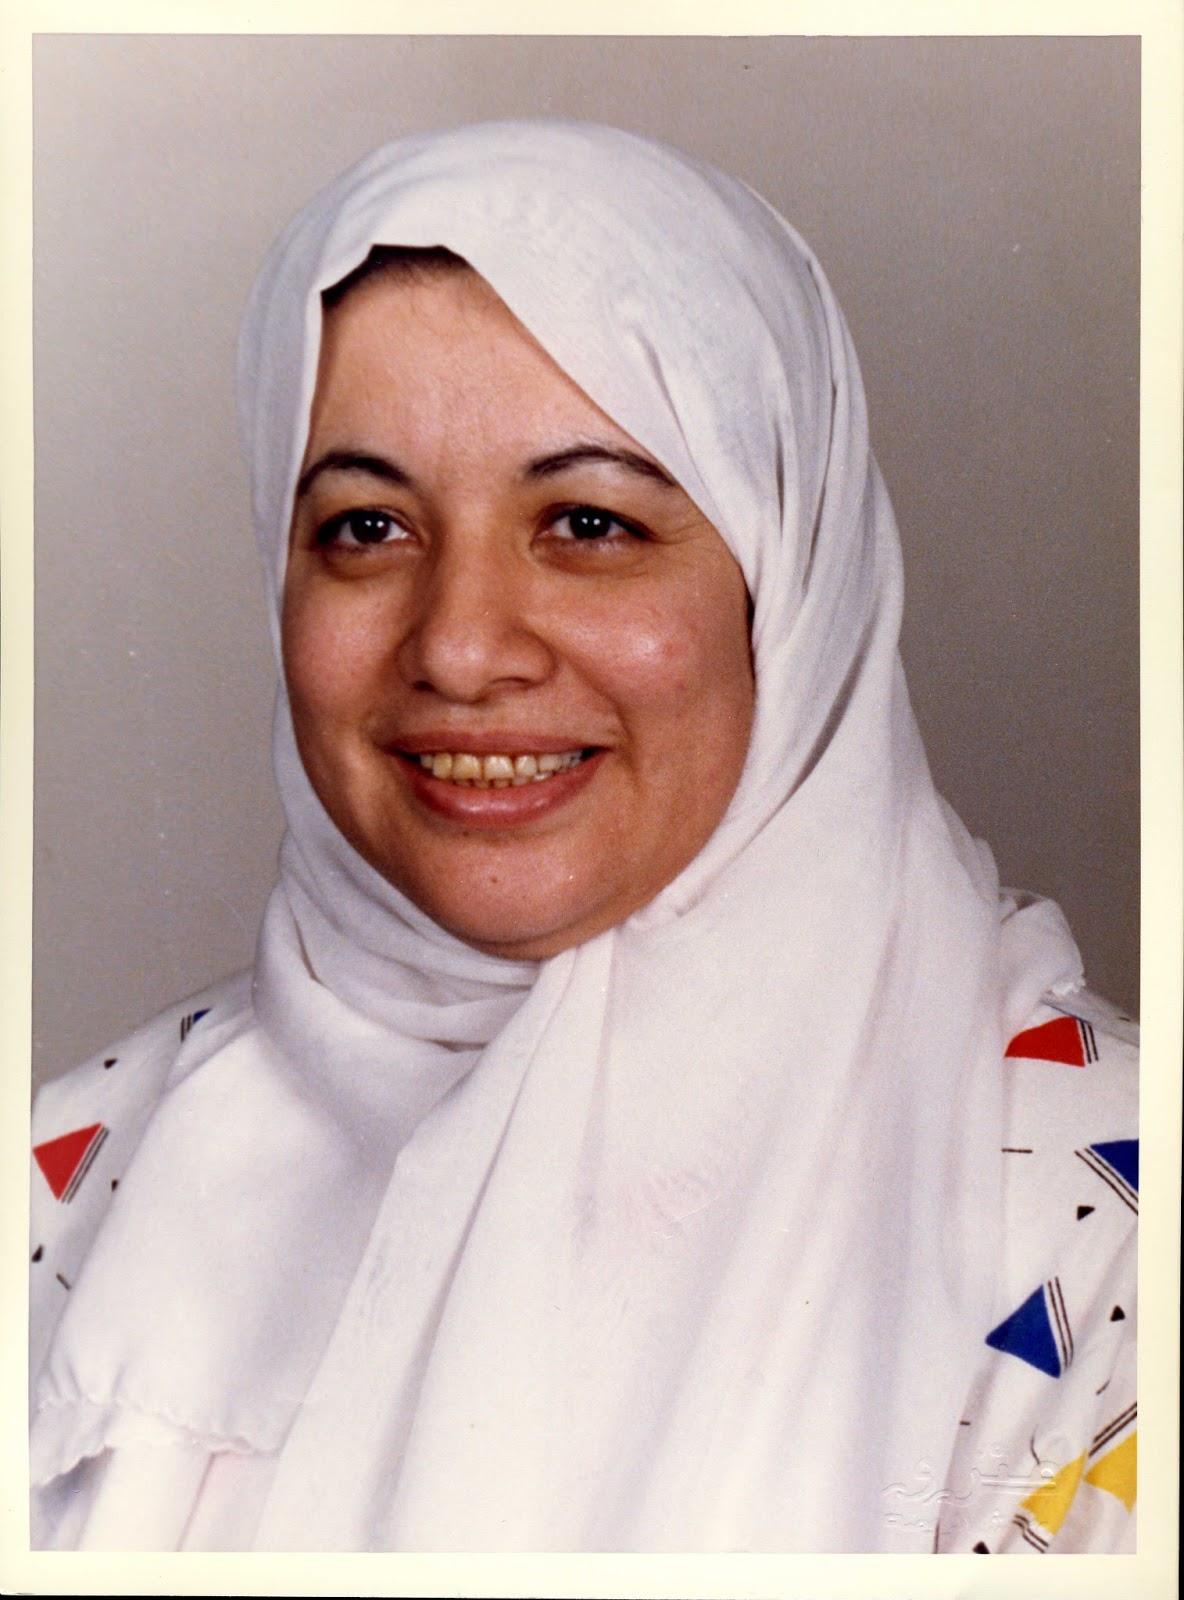 """إلى المجلس القومي للمرأة بمصر الحبيبة: """" ملك اليمين لا تعني أسيرات الحروب"""""""